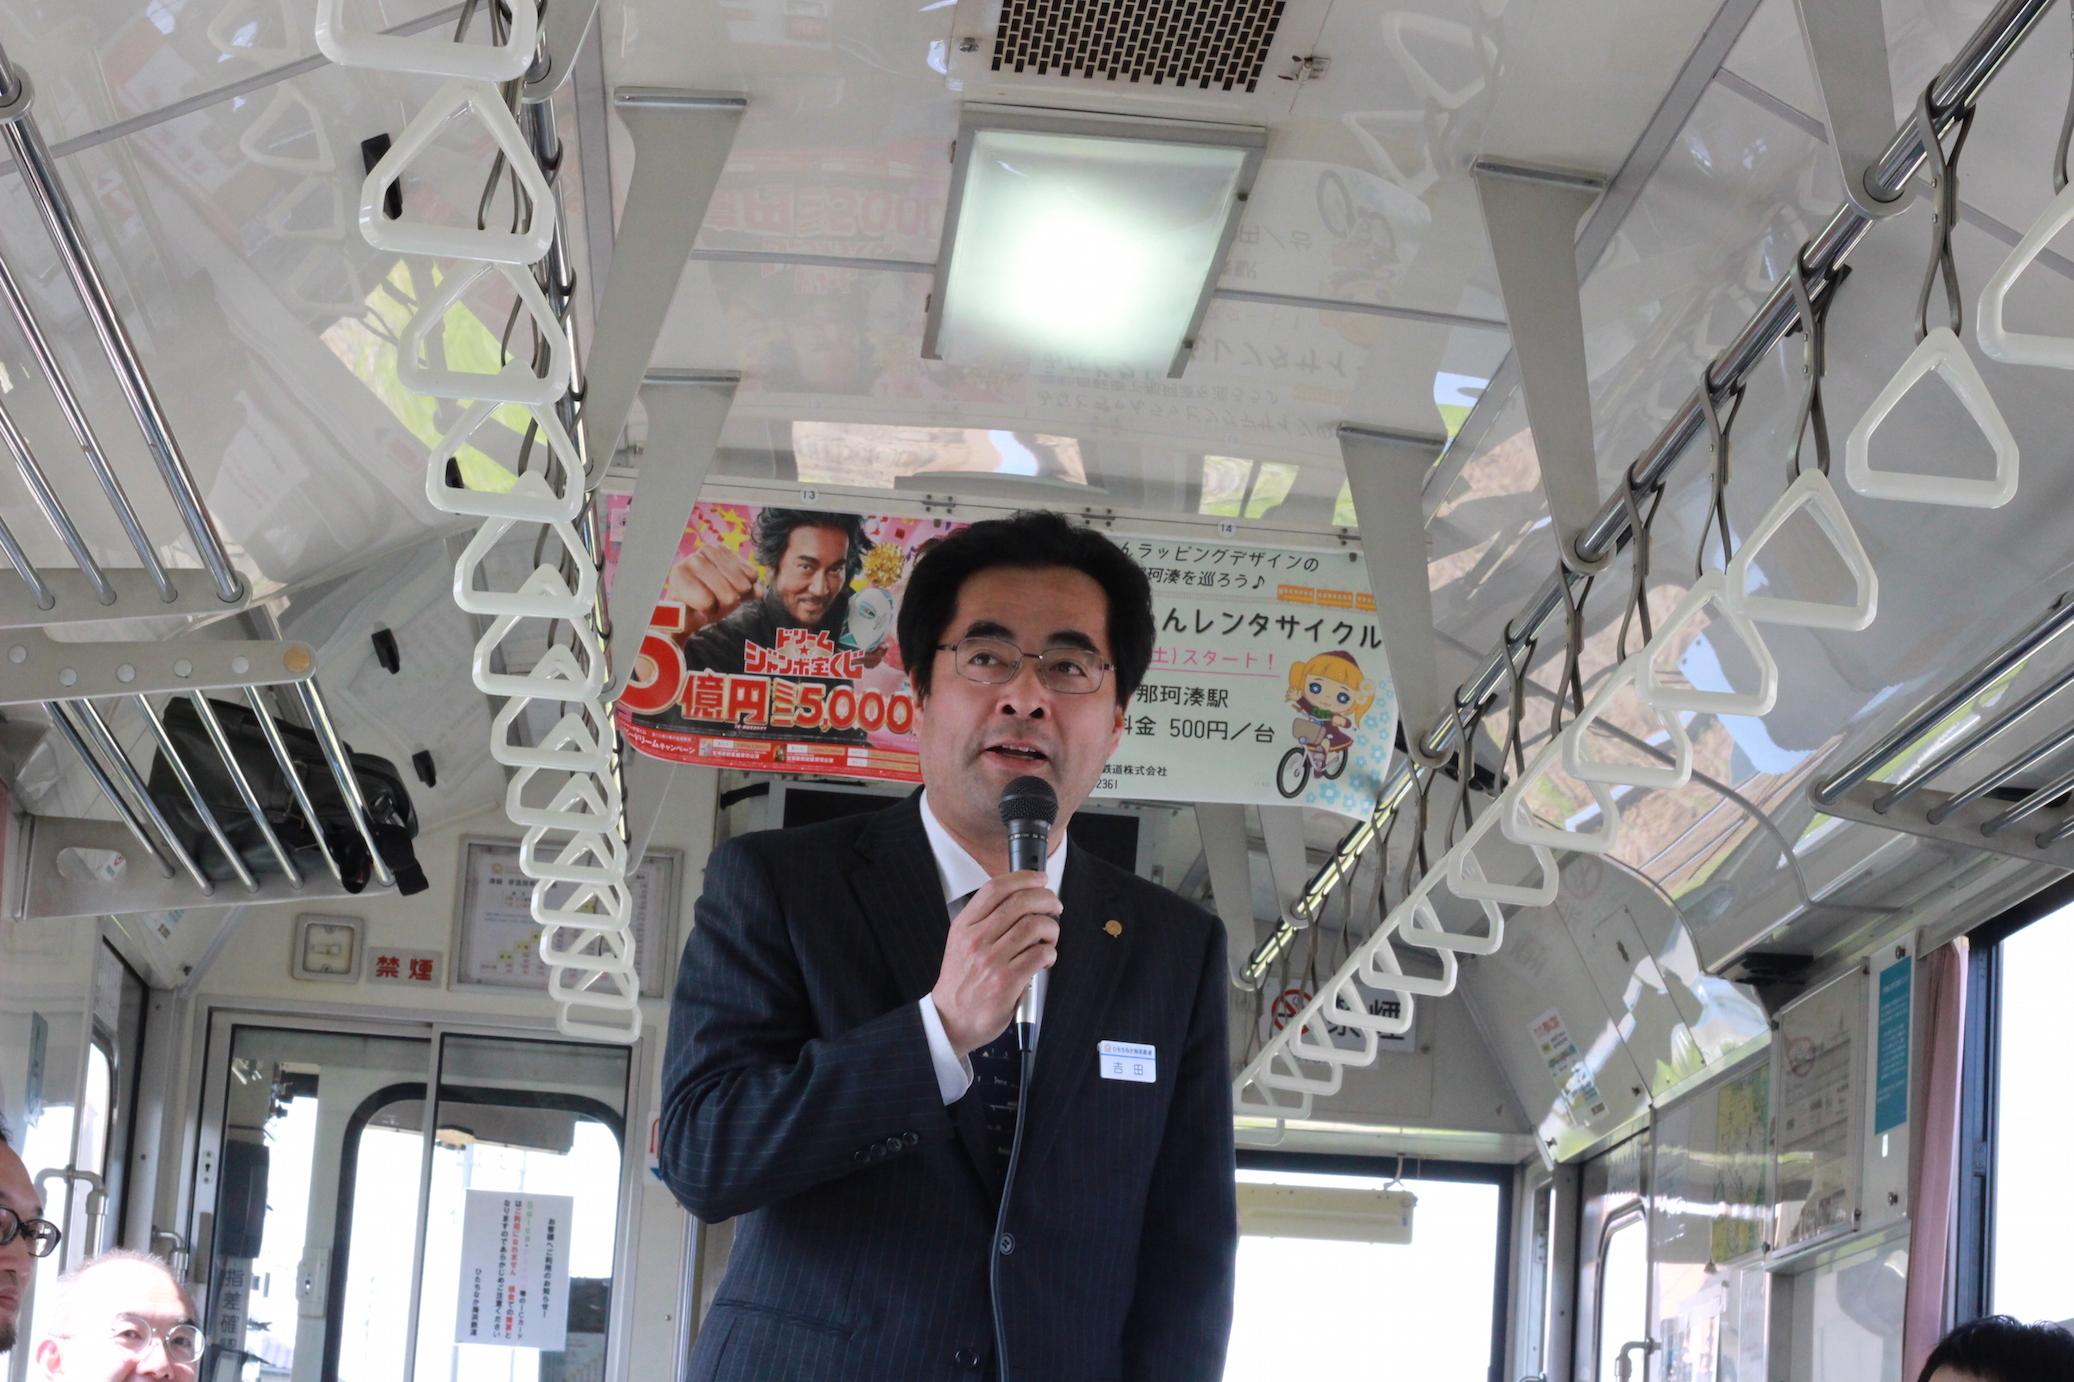 ひたち海浜鉄道の吉田千秋社長